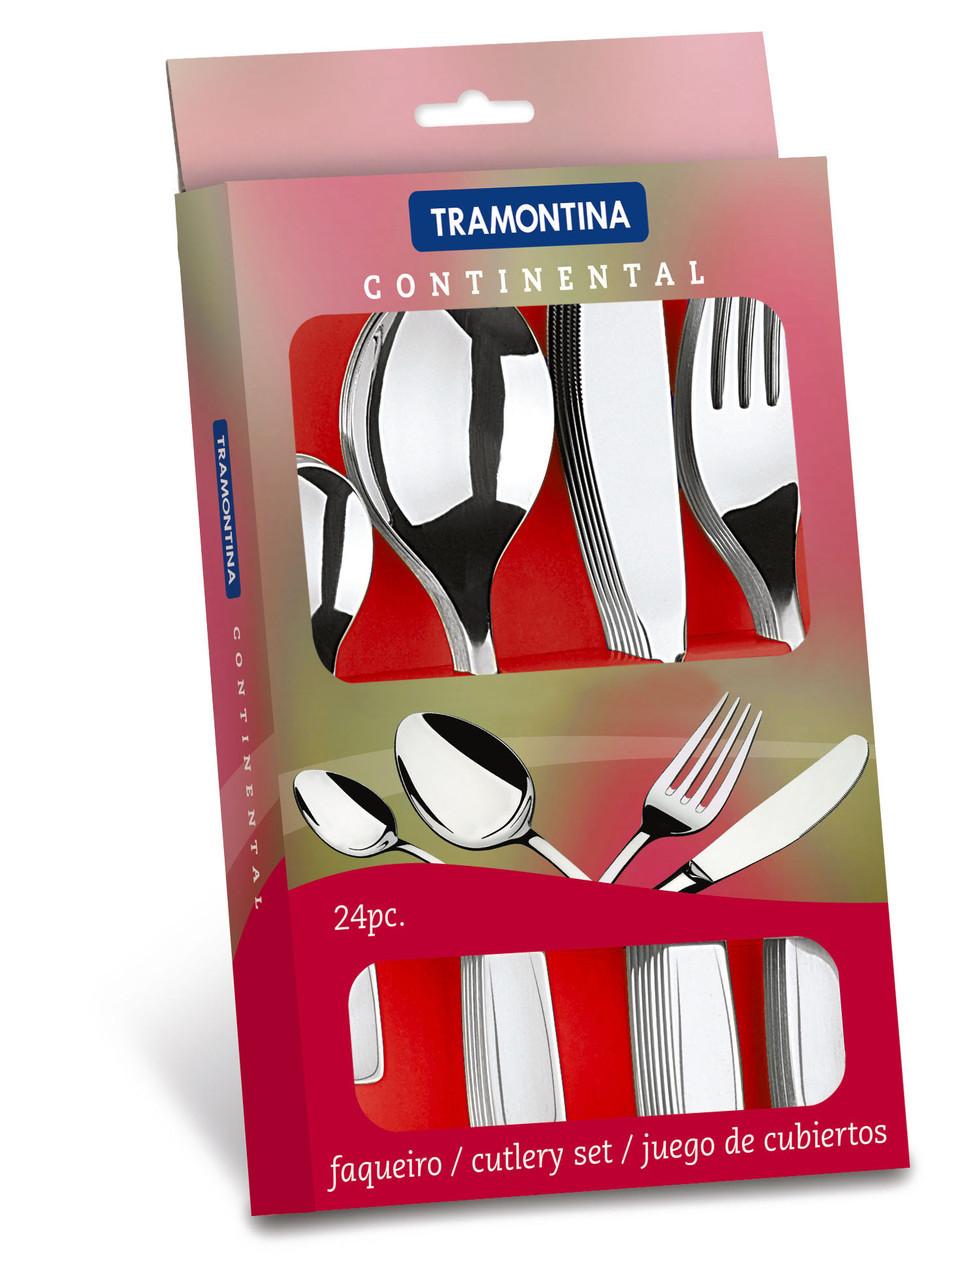 Набор столовых приборов 4 предмета 24 шт 66965/620 Continental Tramontina